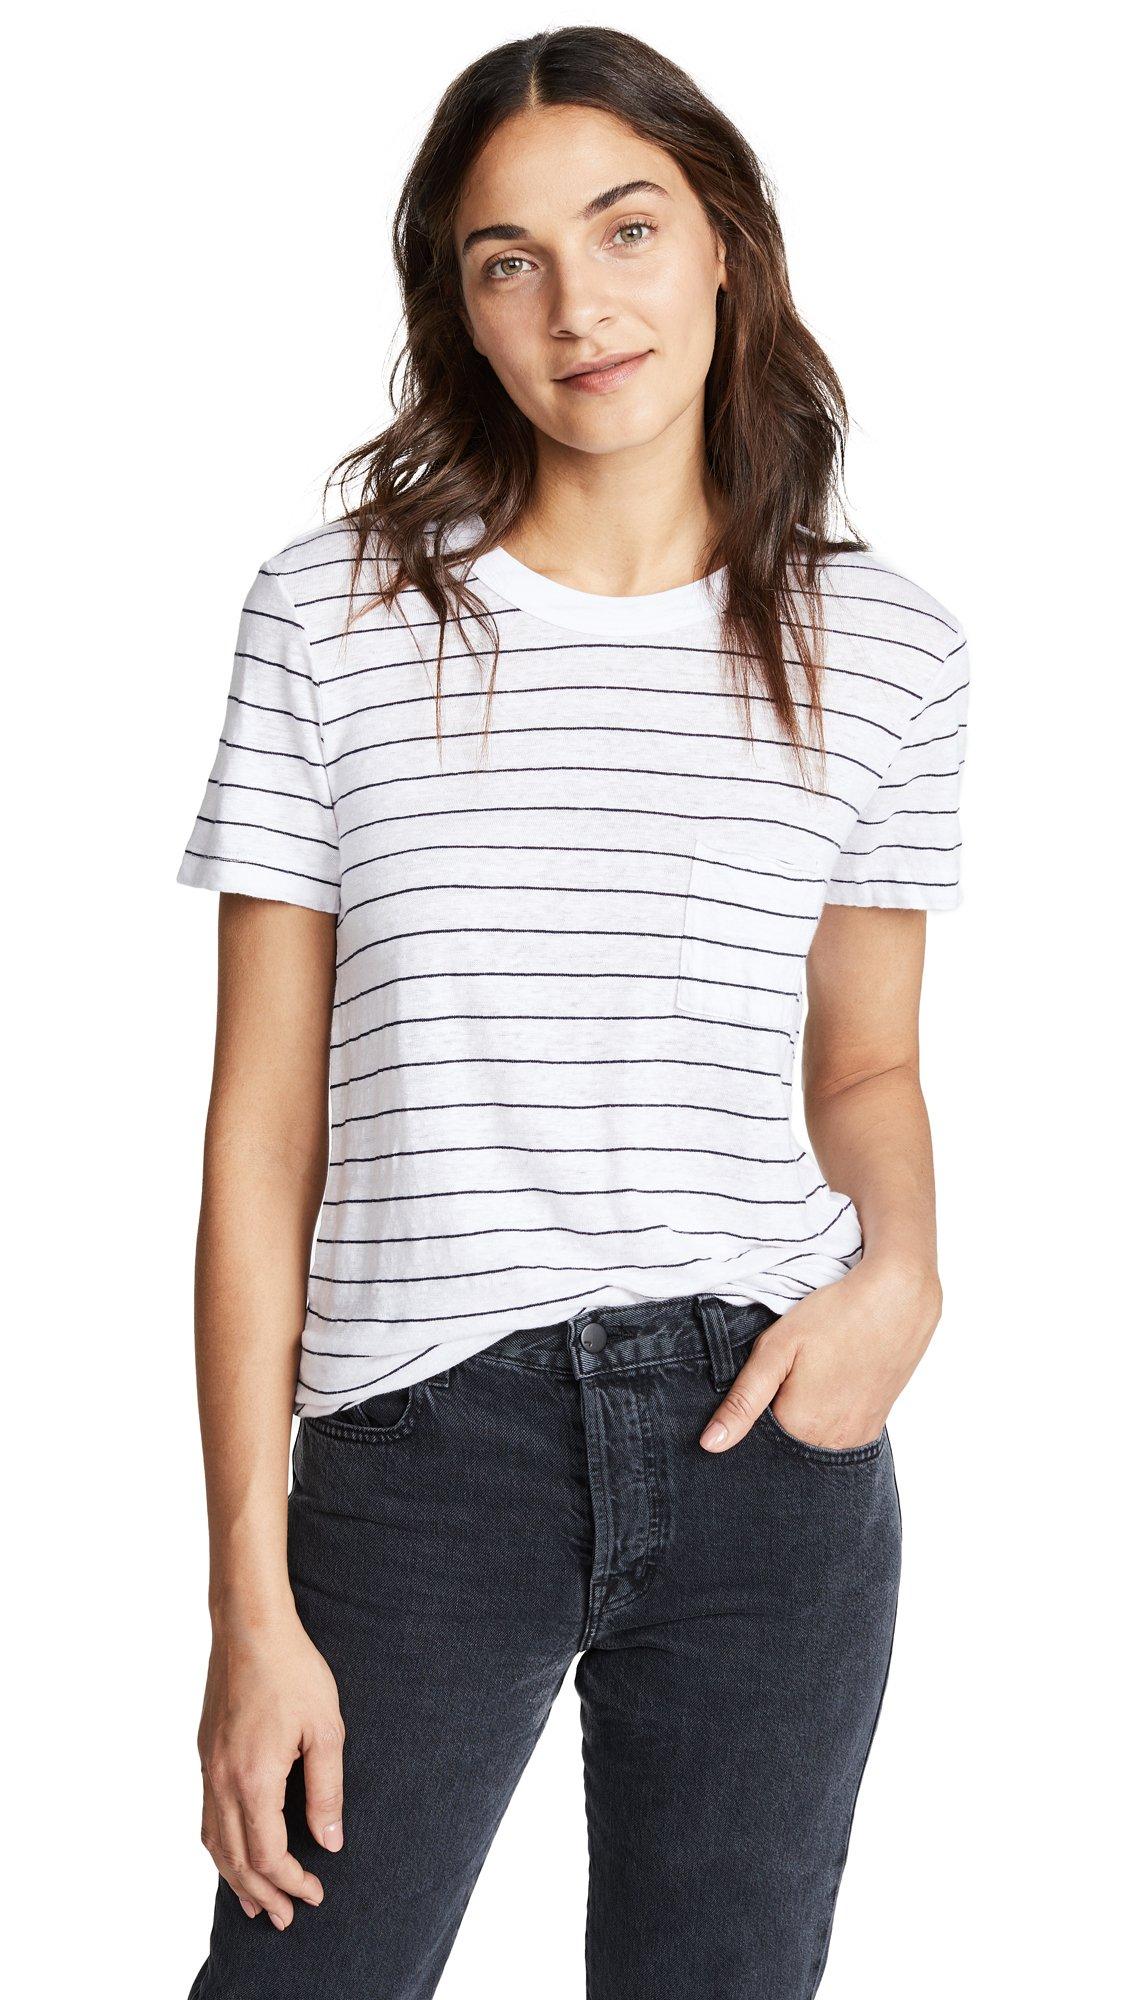 Stateside Women's Striped Pocket Tee